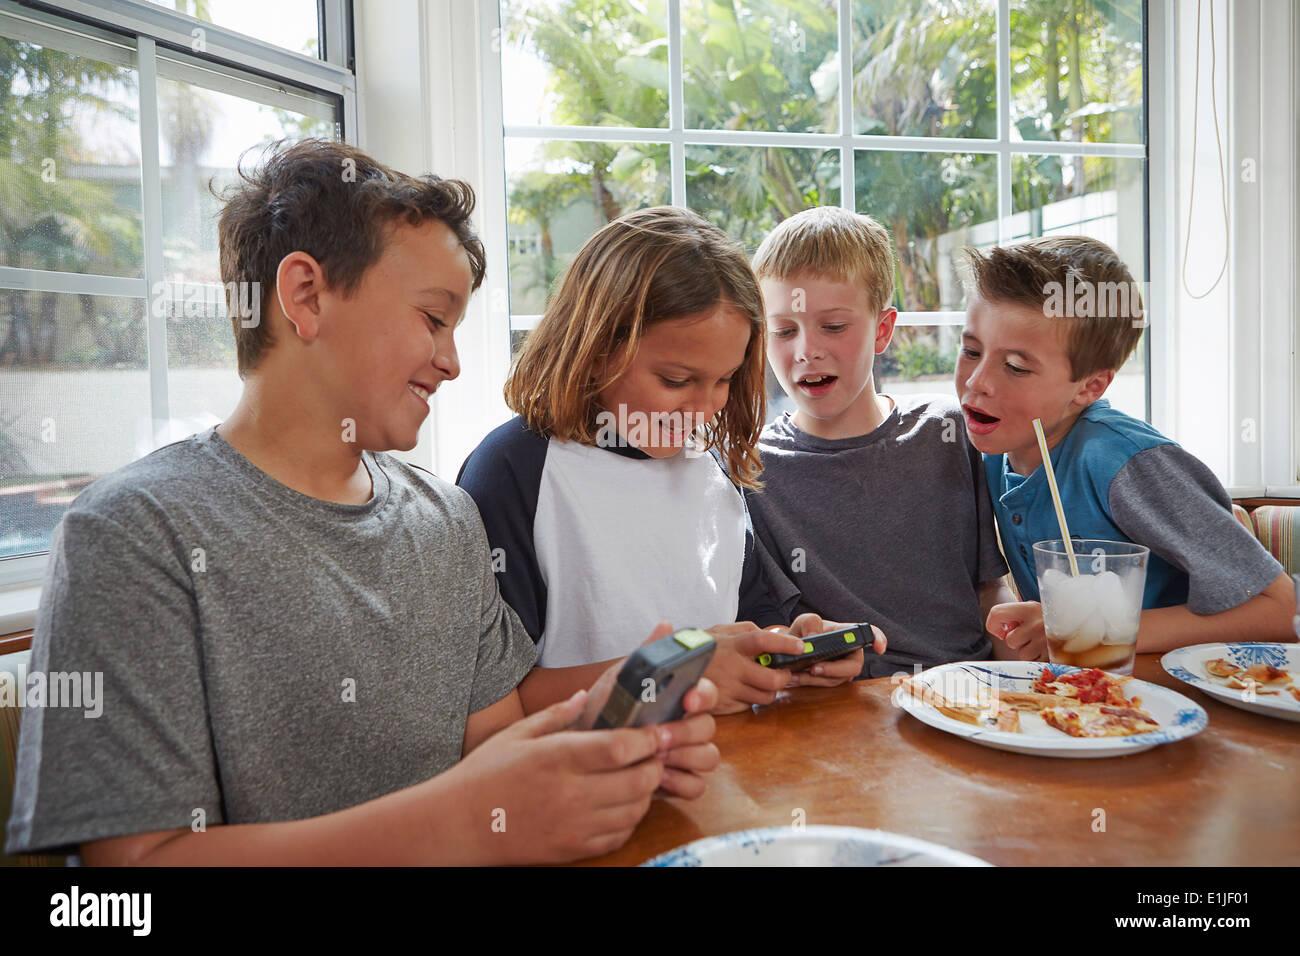 Des garçons jouent à des jeux vidéo de poche Photo Stock